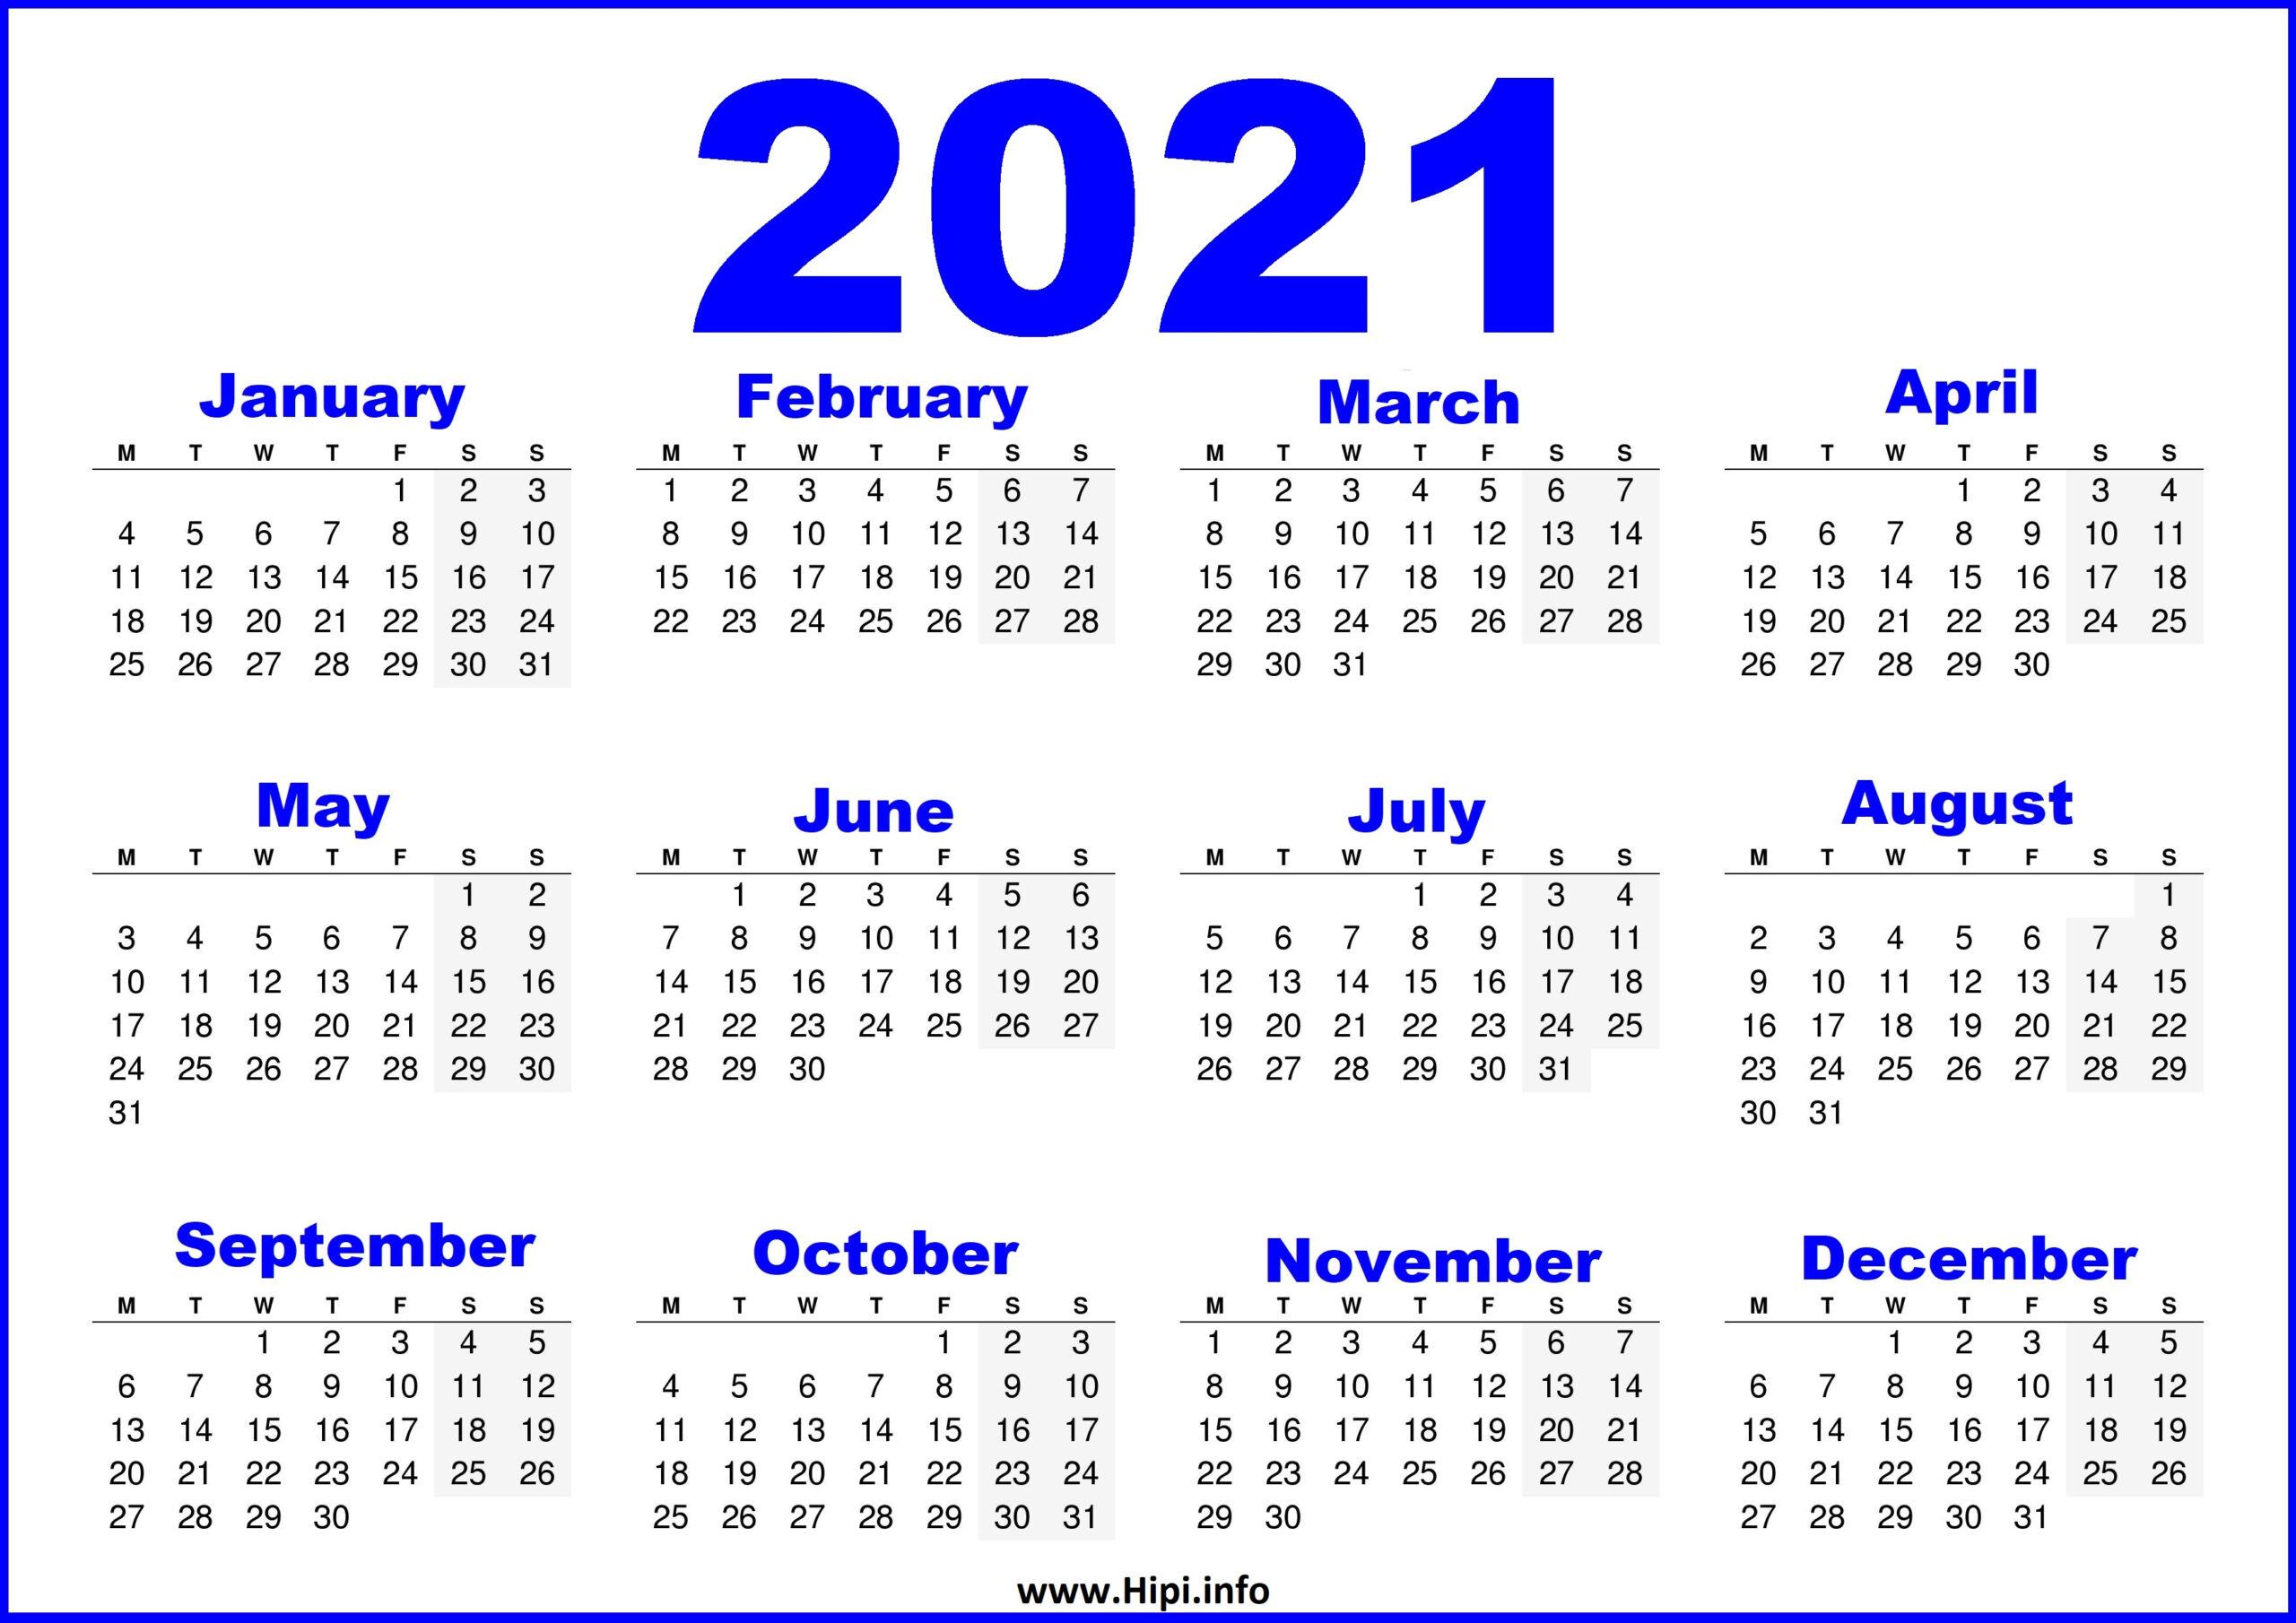 Free Printable Calendar 2021 Uk - Blue - Hipi